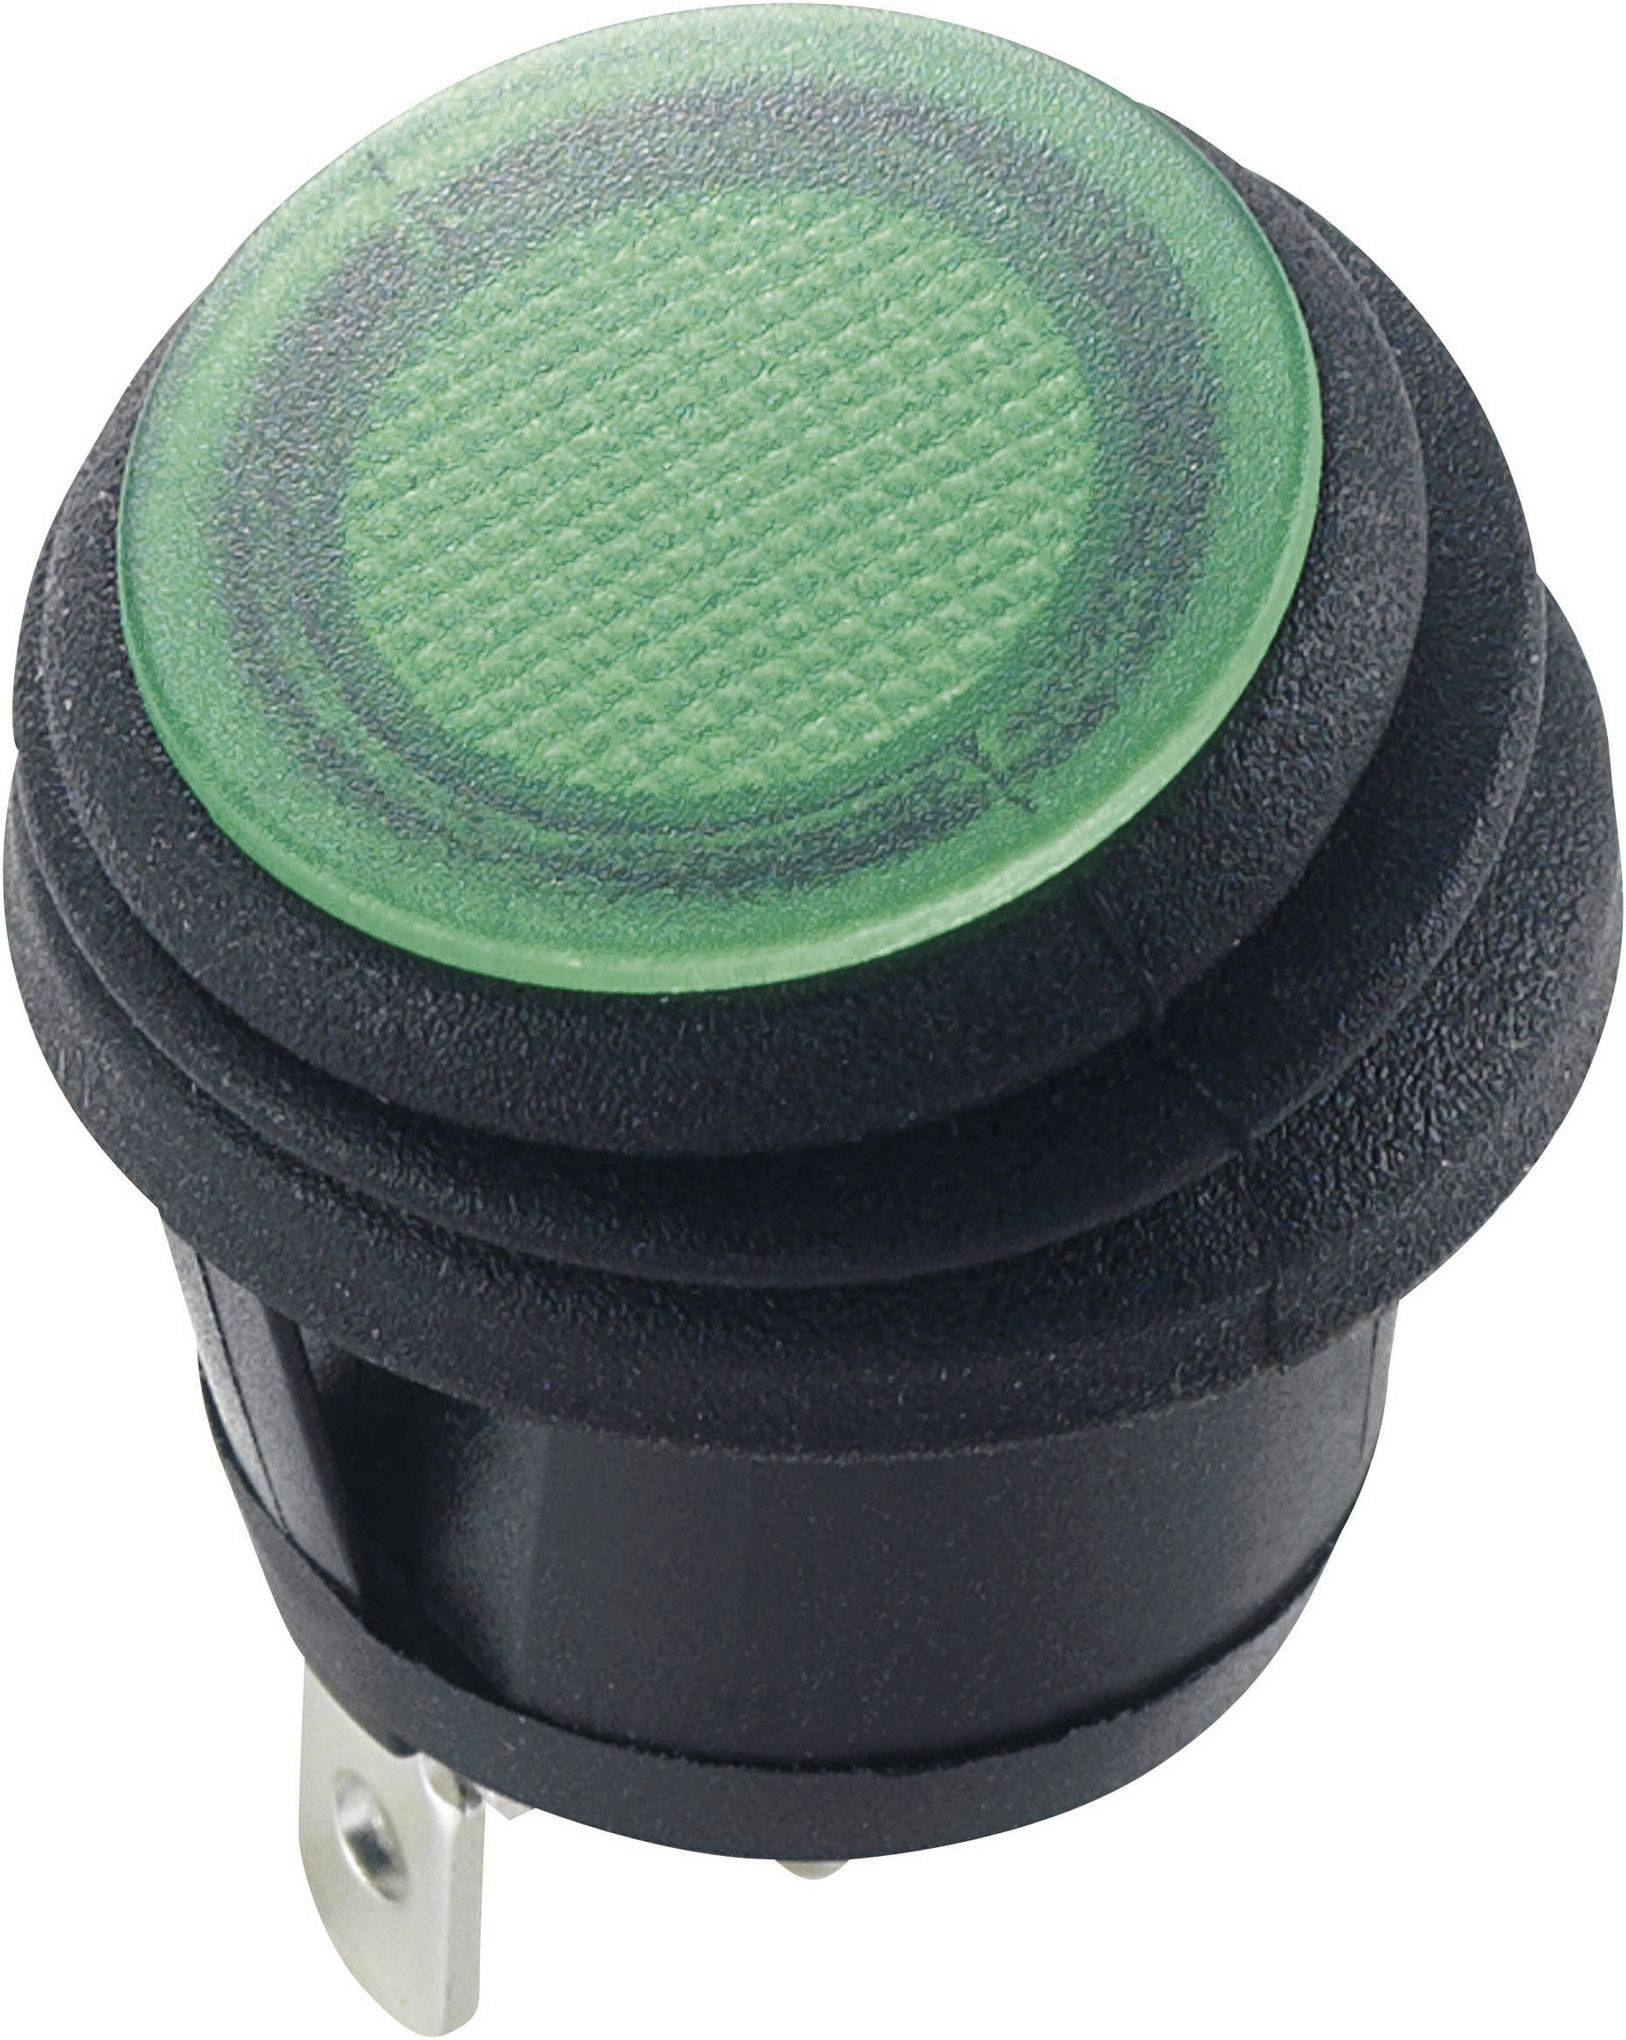 Kolískový spínač s aretáciou SCI R13-112B8W, 12 V/DC, 20 A, 1x vyp/zap, IP65, farba svetla: zelená, 1 ks